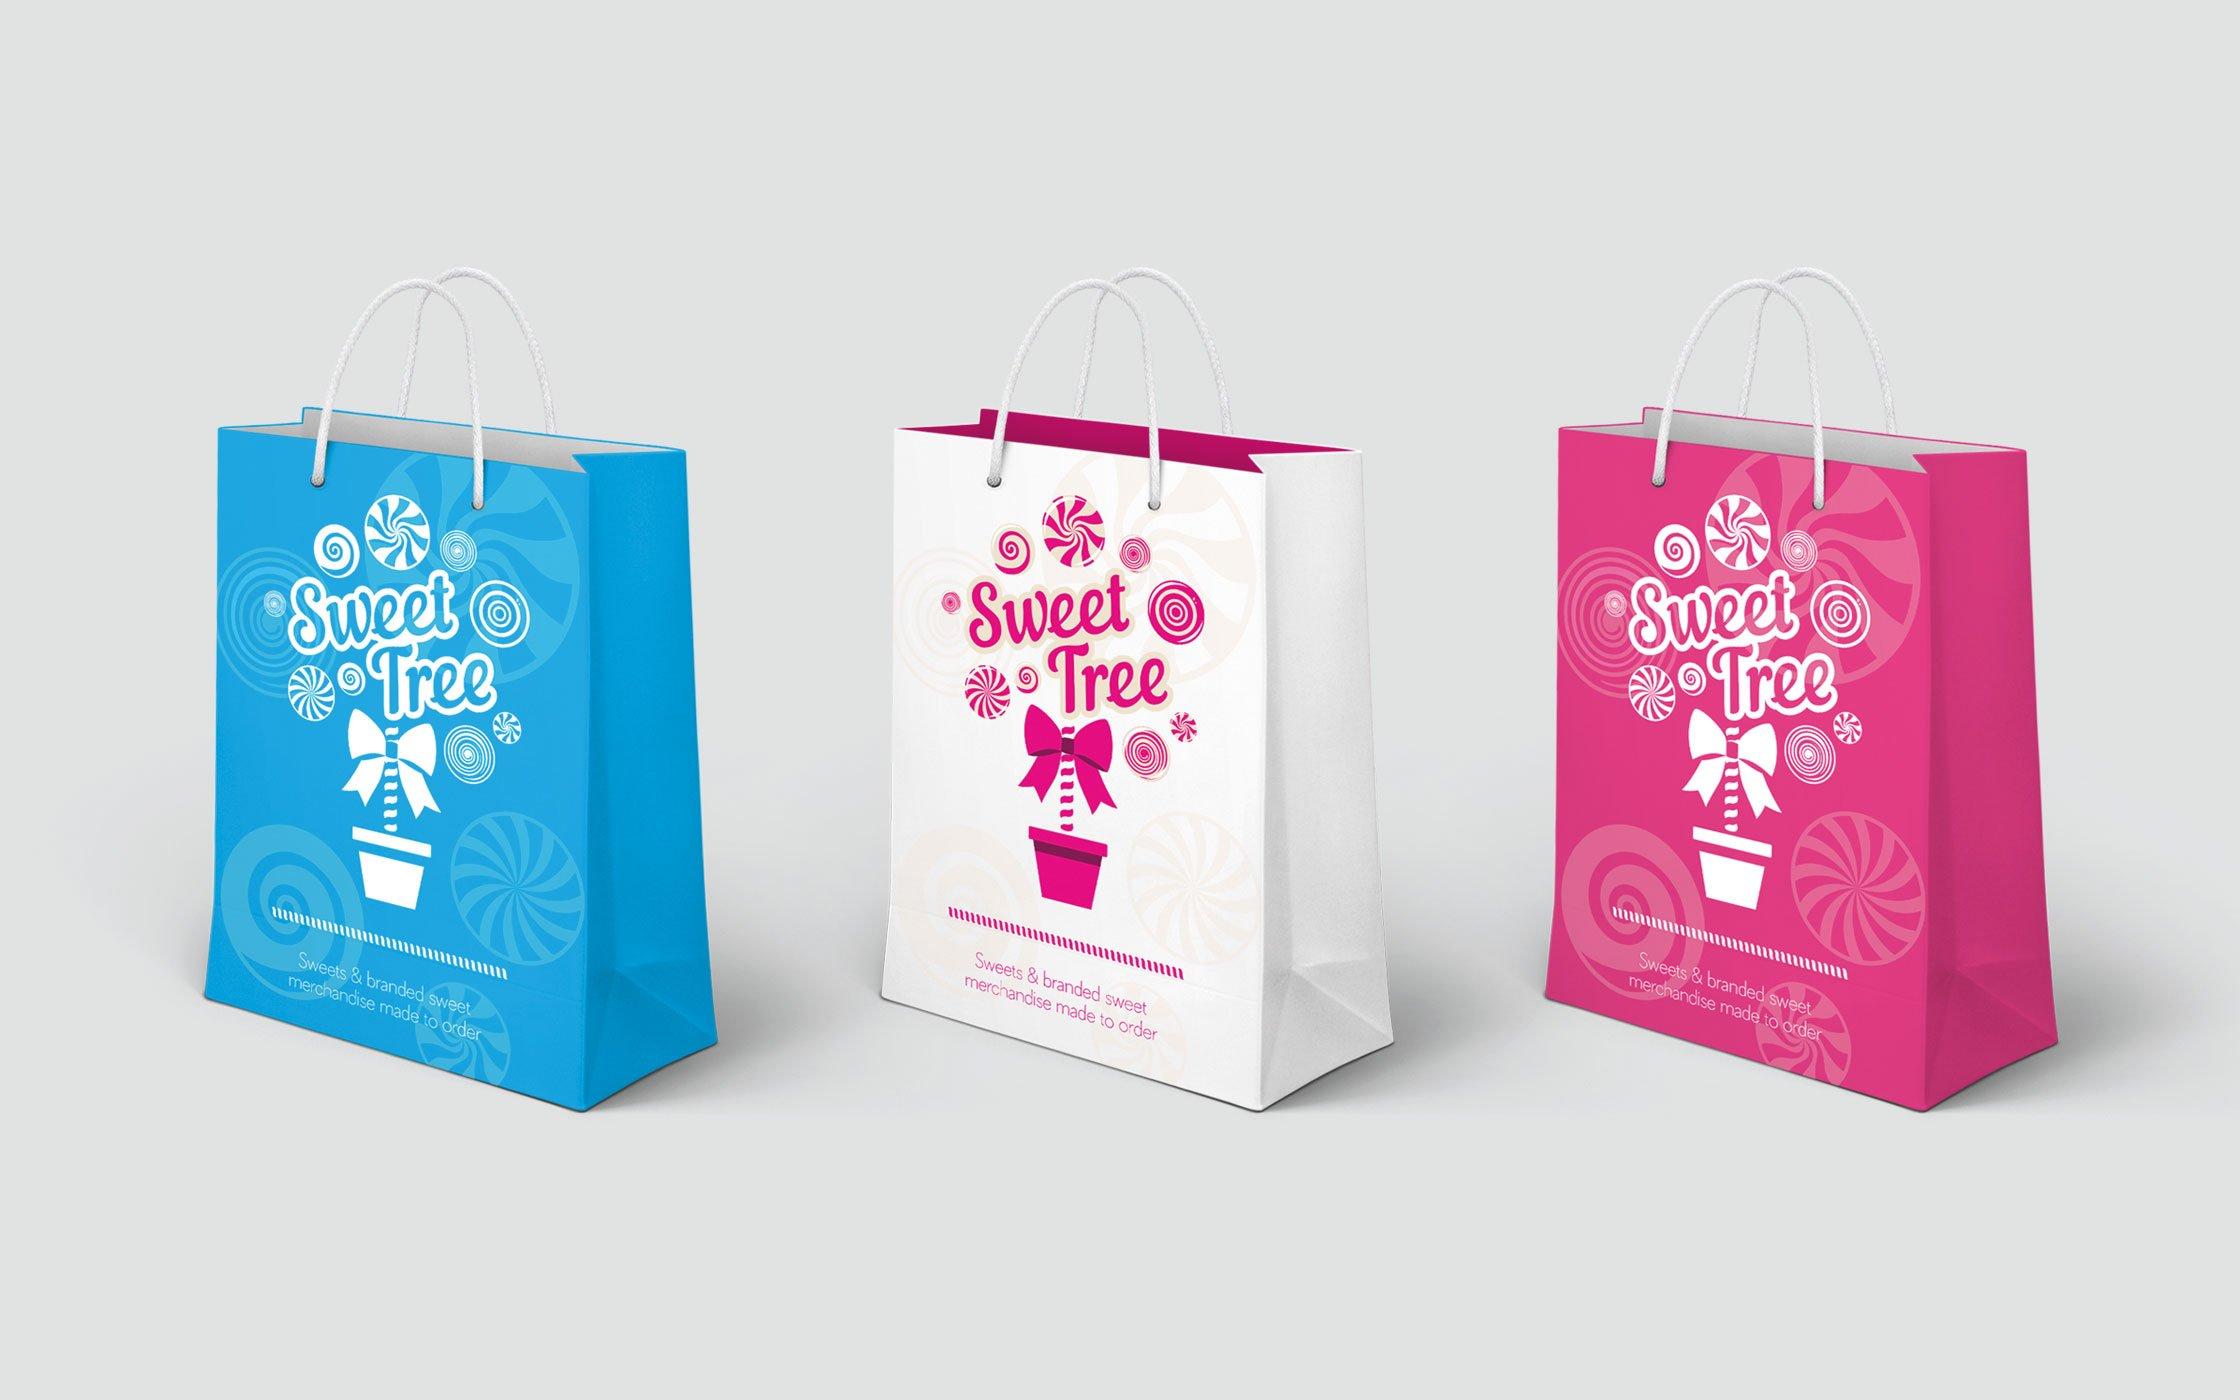 Sweet Tree branded bags